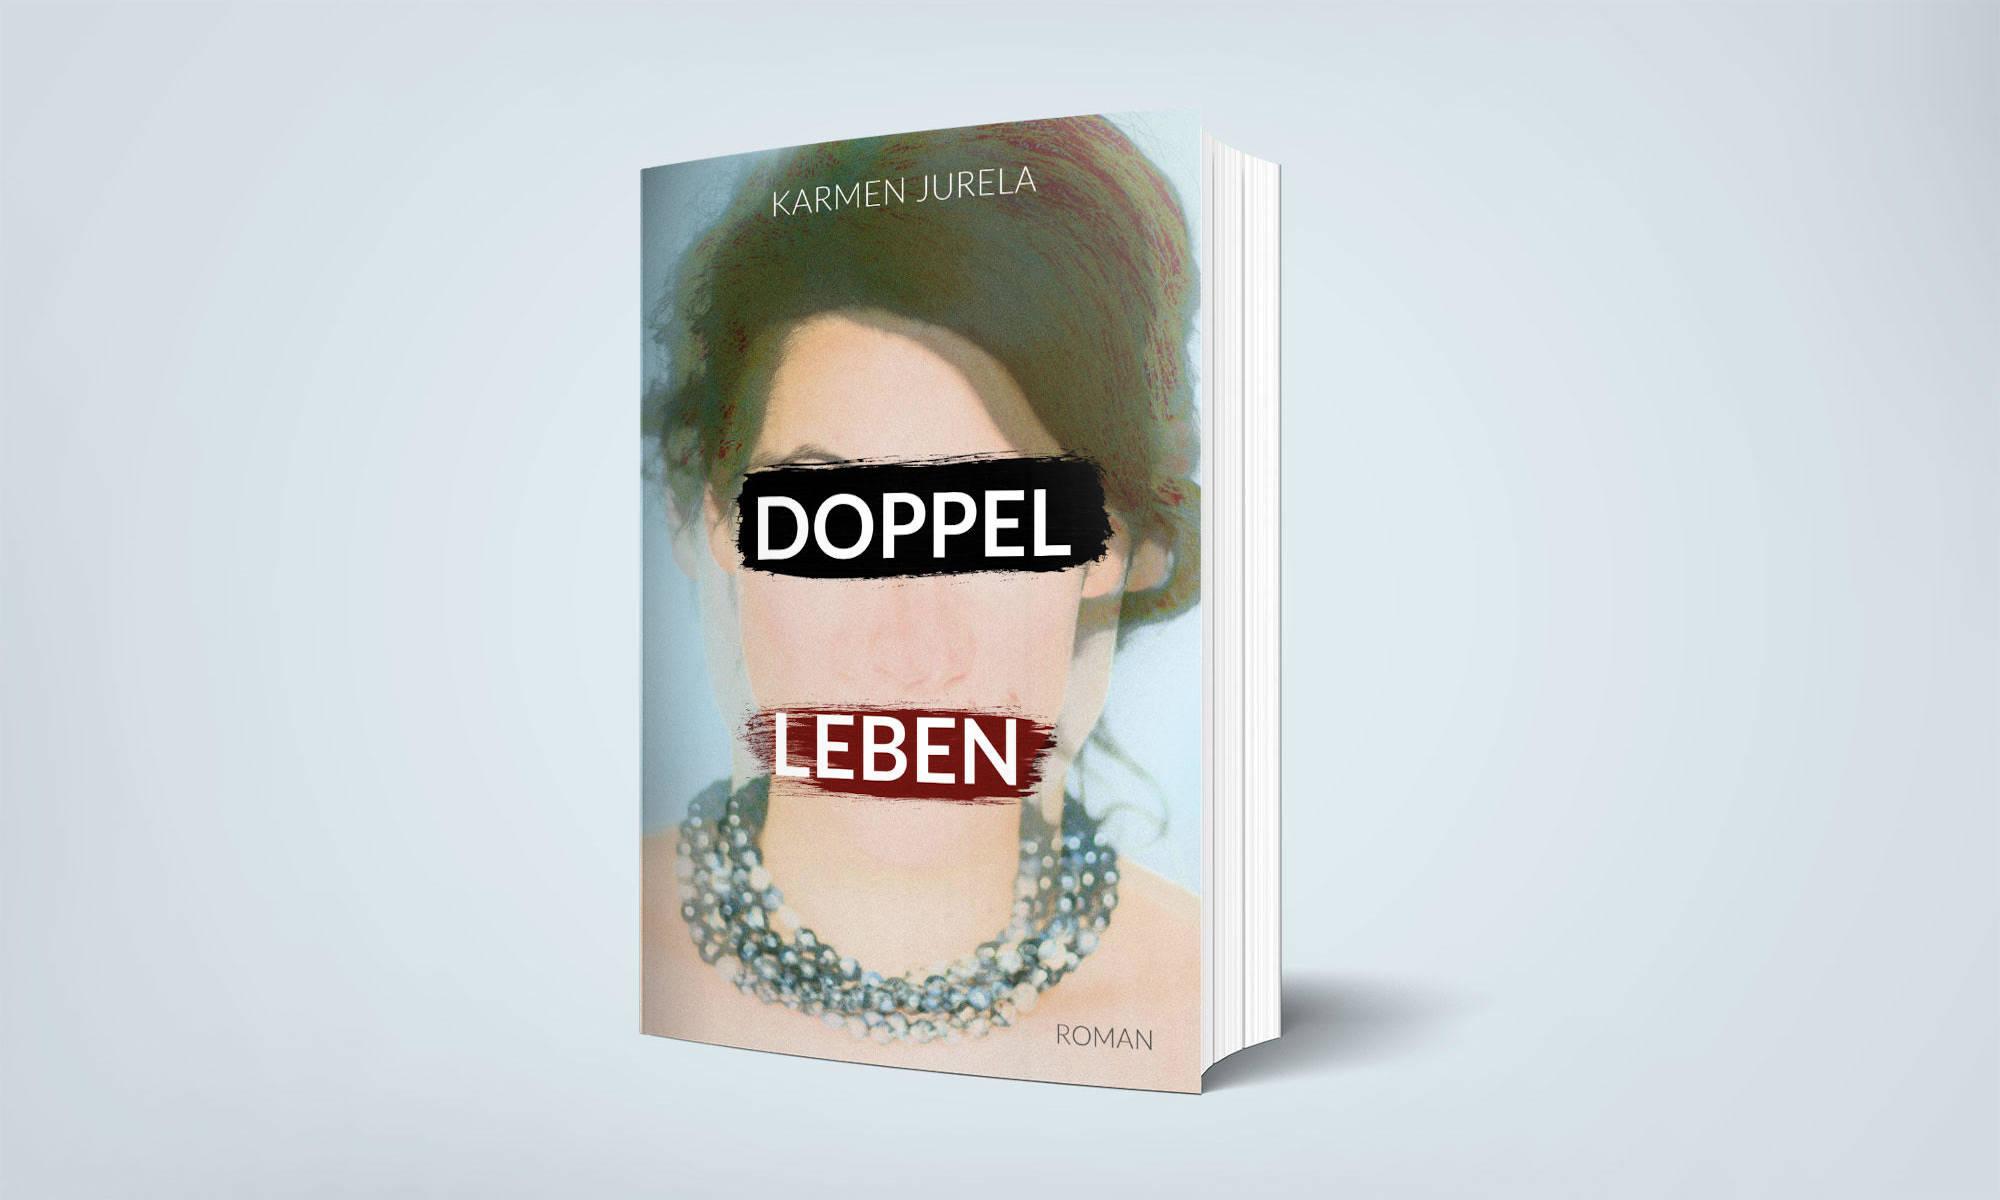 Karmen Jurela - Roman Doppelleben